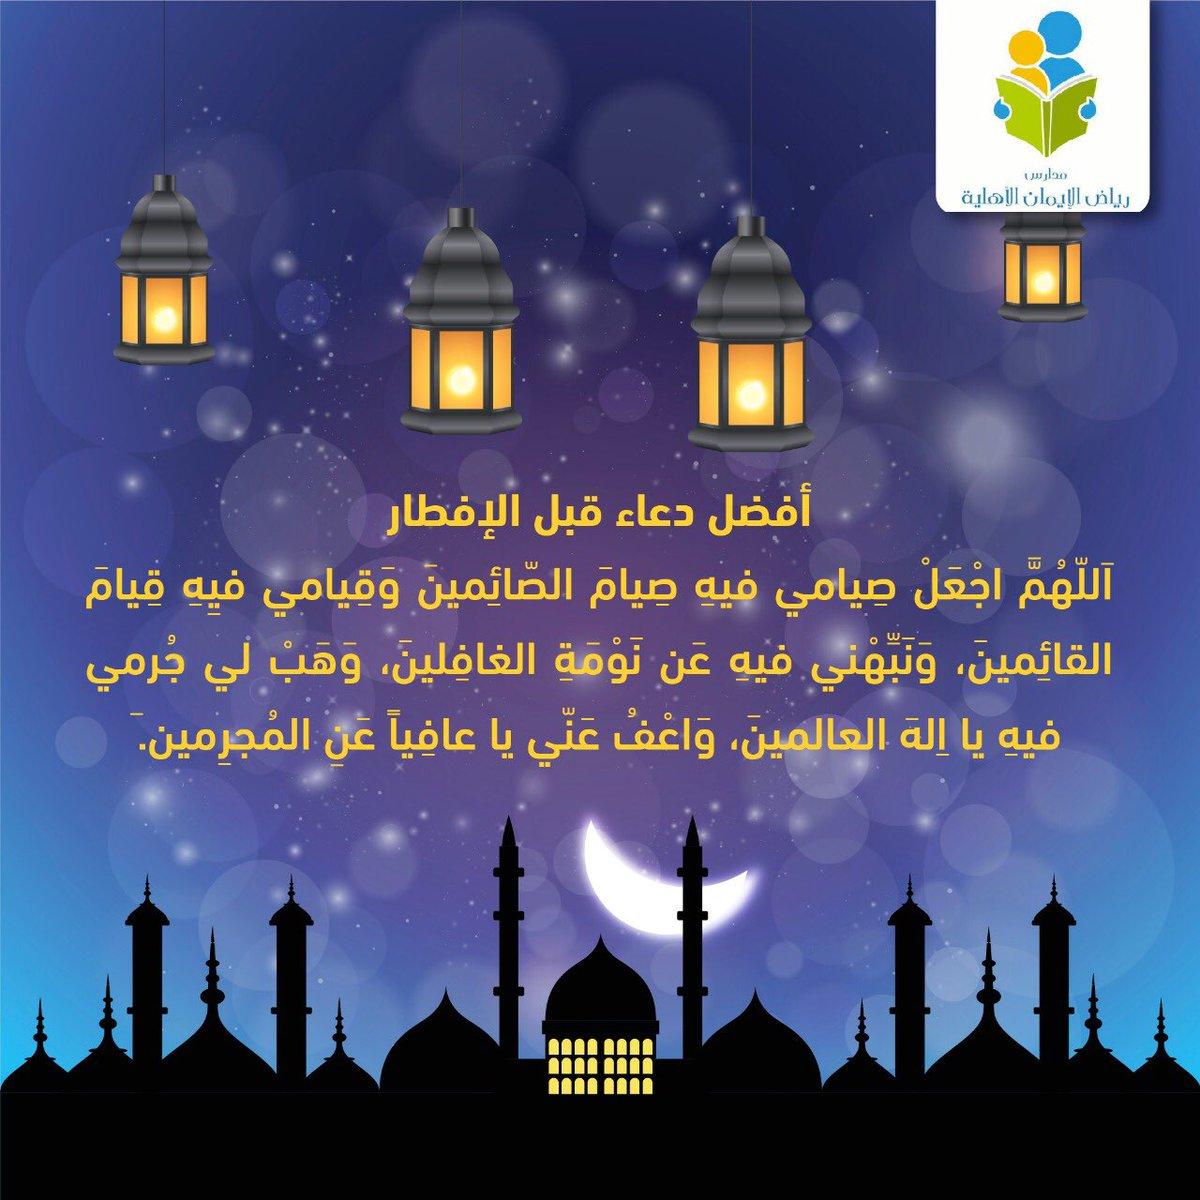 مدارس رياض الإيمان الخبر No Twitter أفضل دعاء قبل الإفطار رمضان